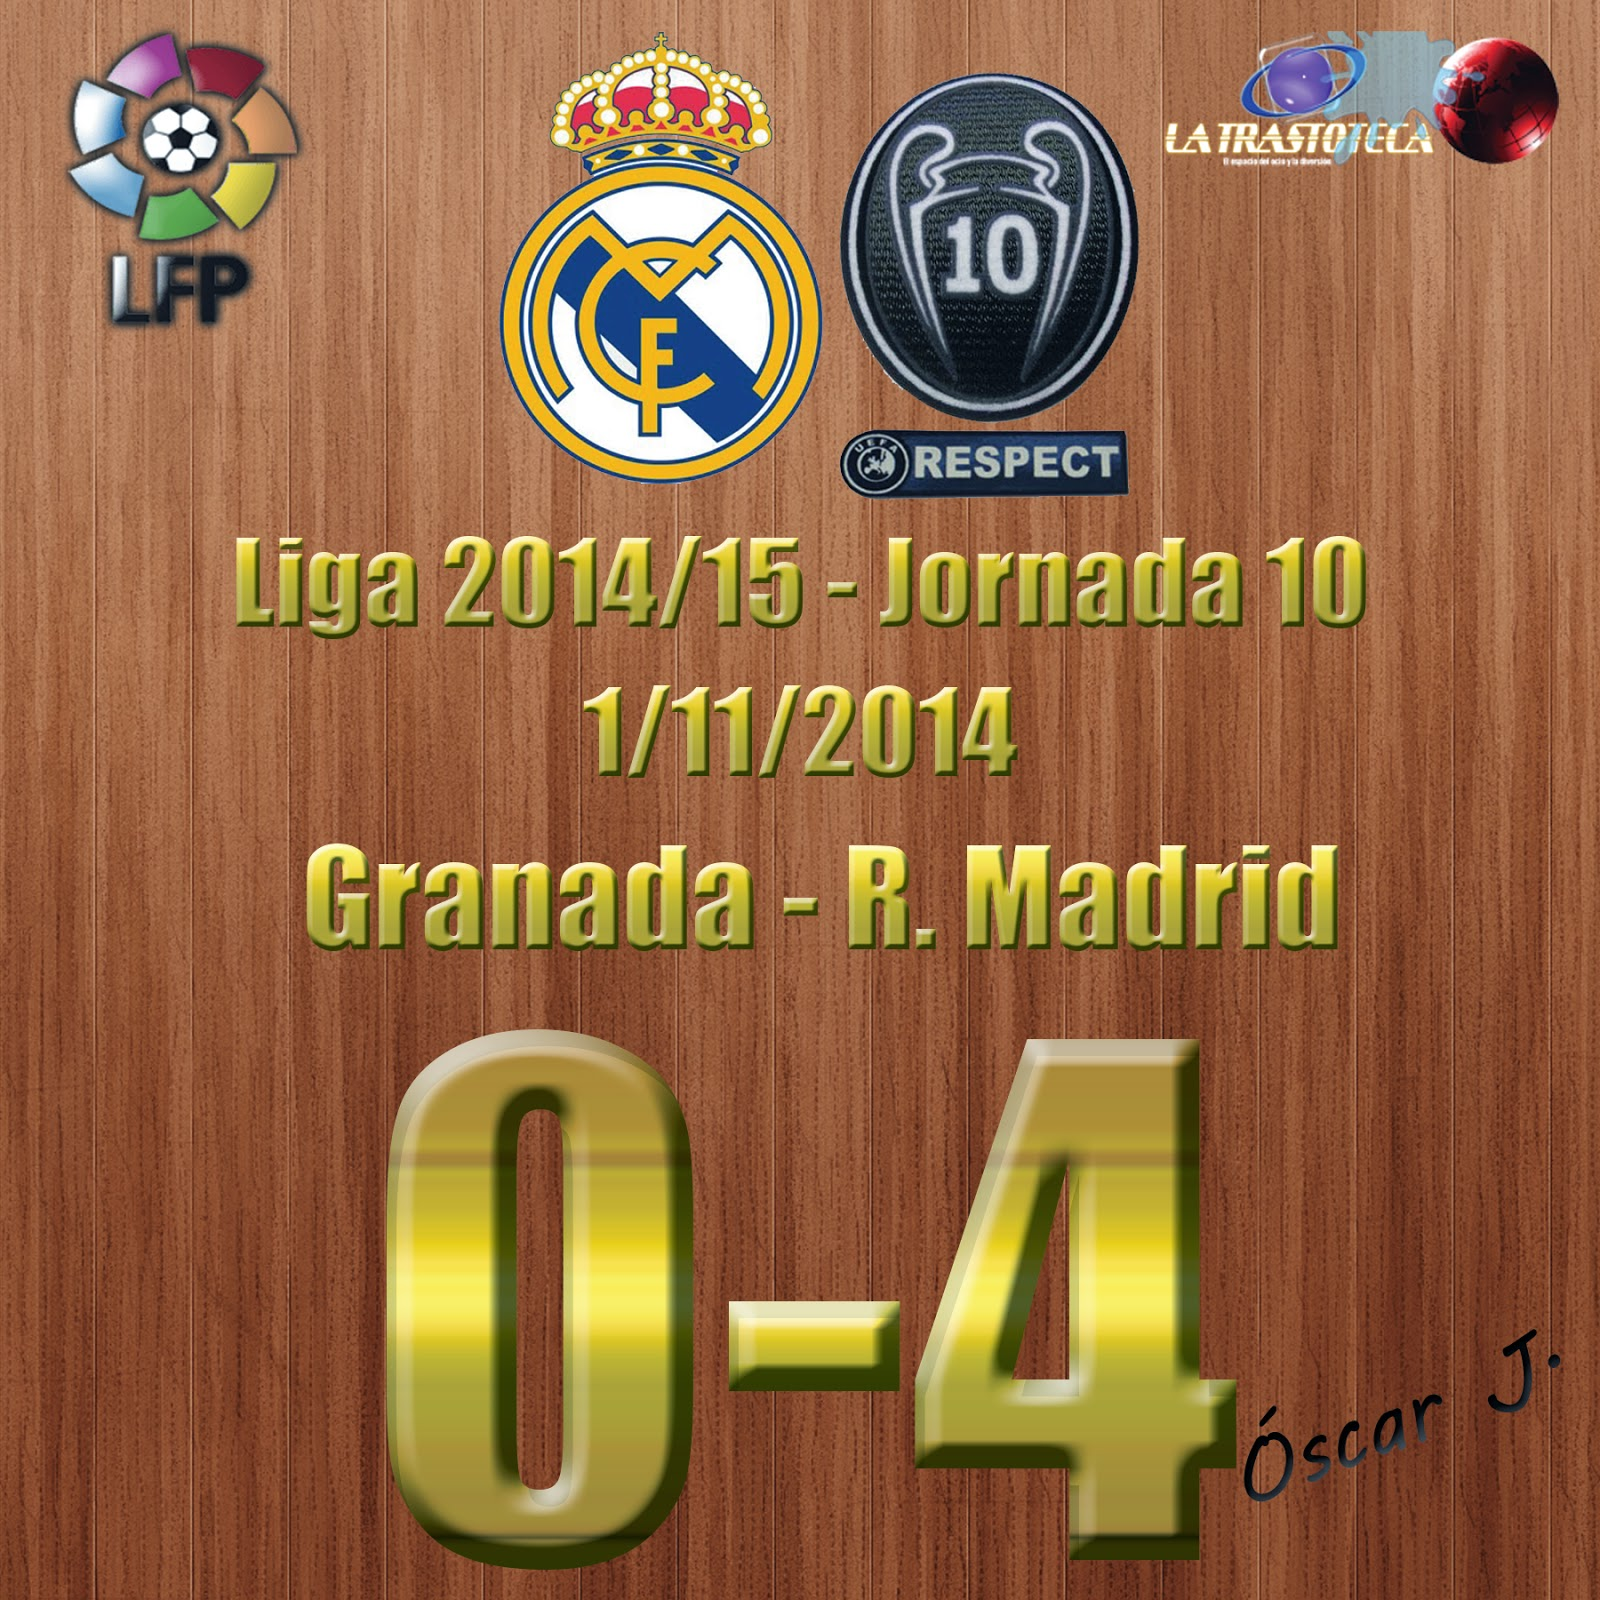 Granada 0-4 Real Madrid - Liga 2014/15 - (1/11/2014). El Real Madrid le pasa por encima al Granada.